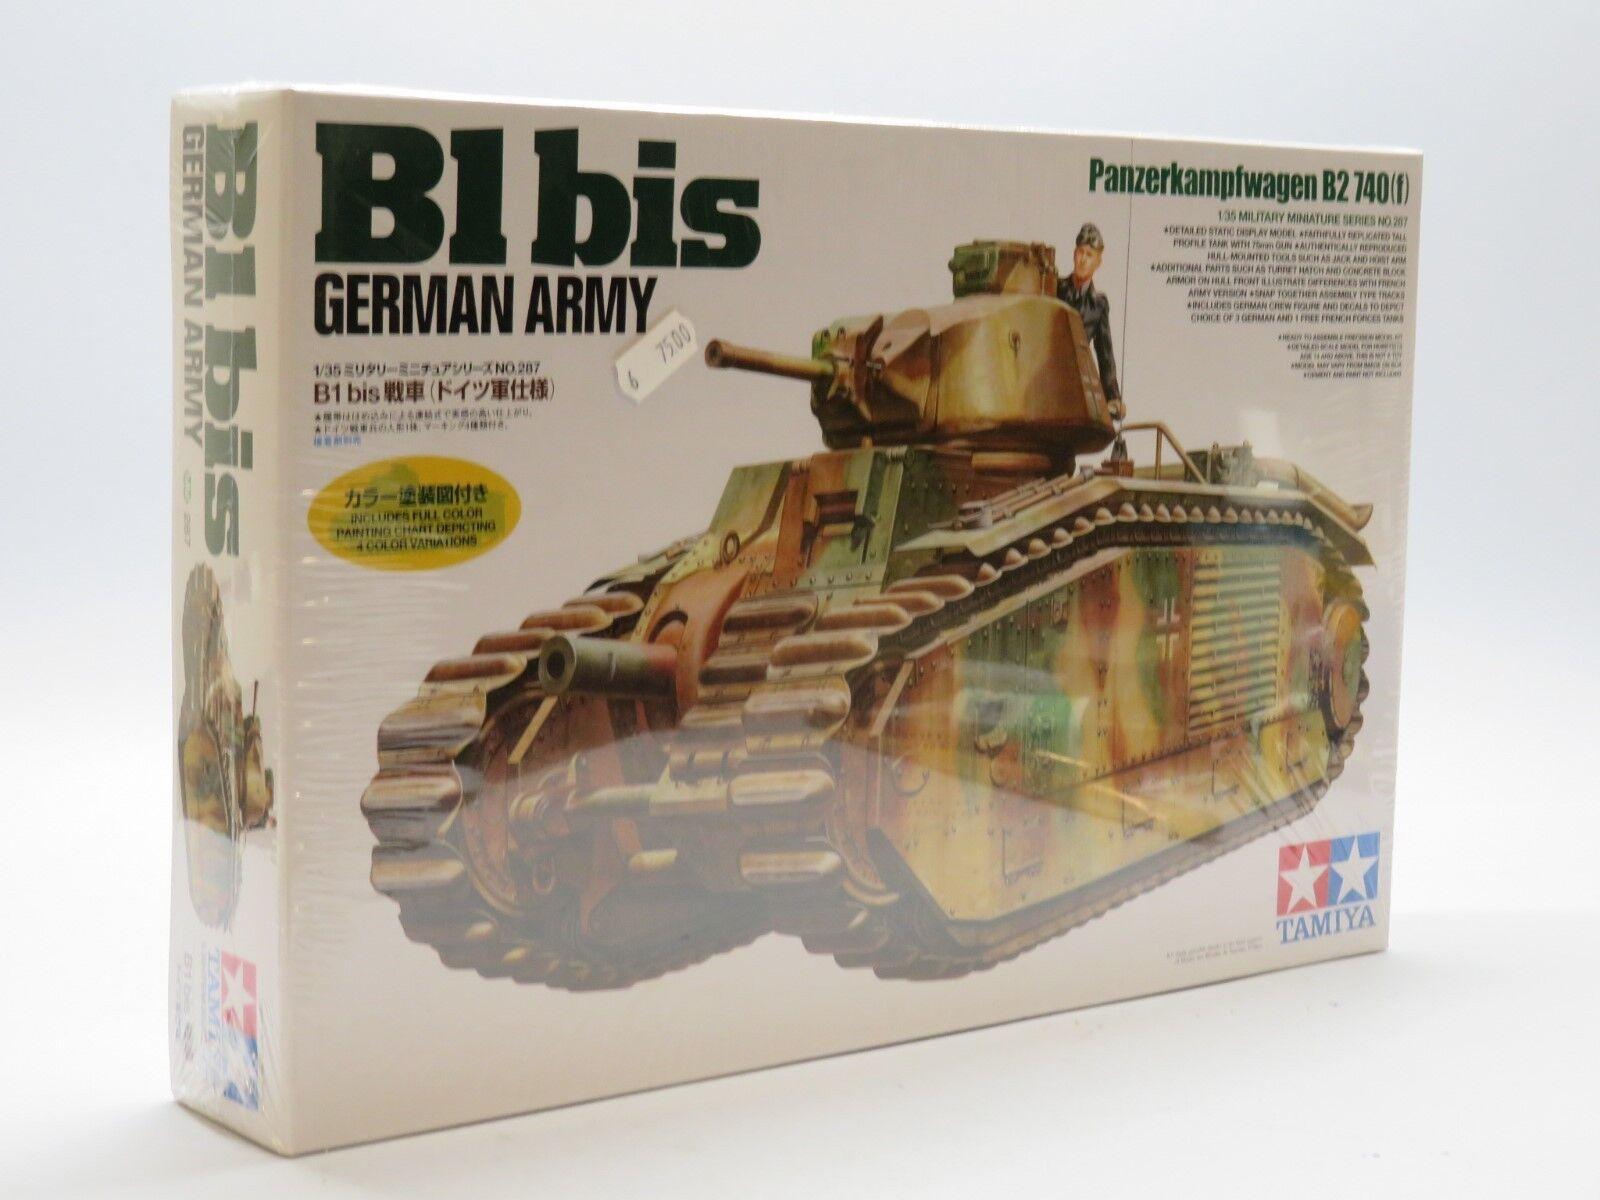 Tamiya 35287 1 1 1 35 B1 bis German Army Panzerkampfwagen B2 740(f) ce3